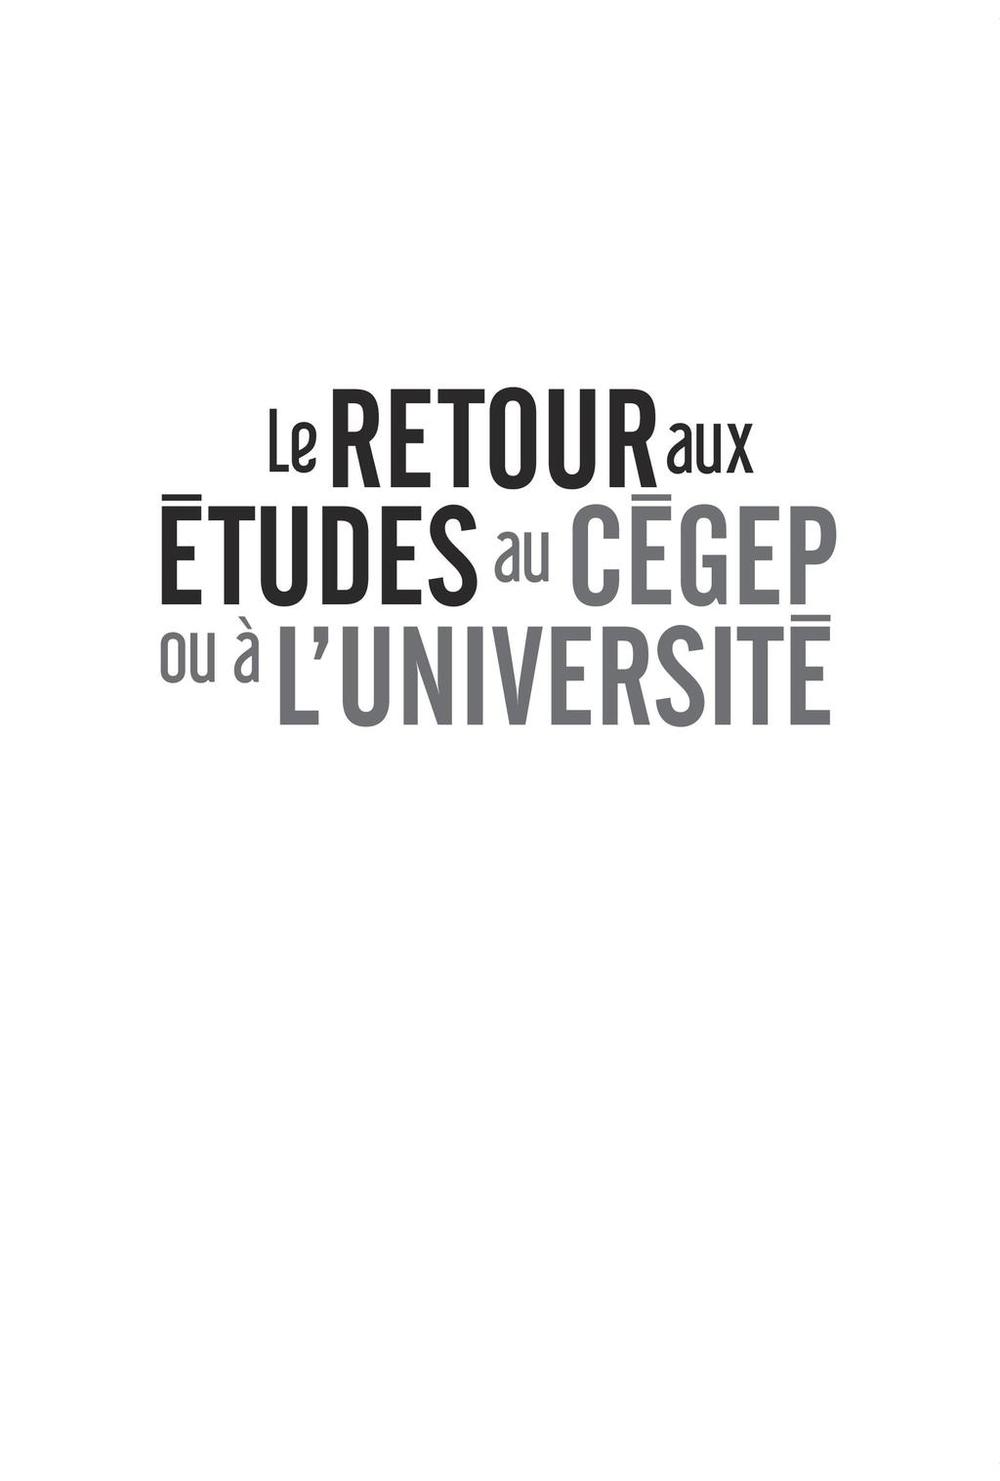 Le retour aux études au CEGEP ou a l'université